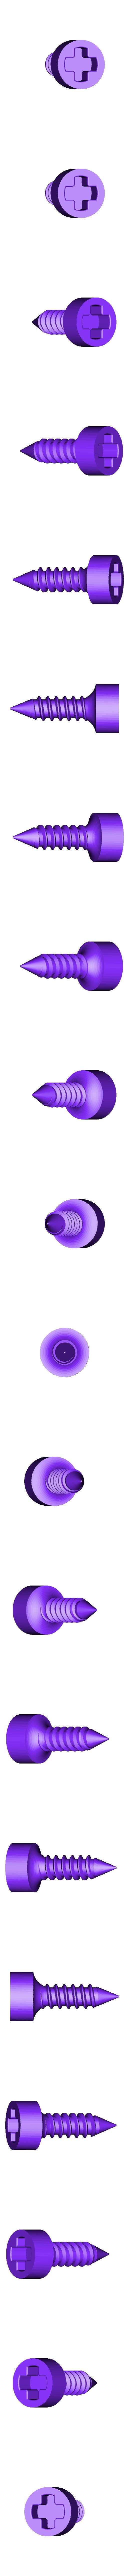 S1.stl Télécharger fichier STL Perceuse à main Impression 3D • Design pour impression 3D, MPPSWKA7